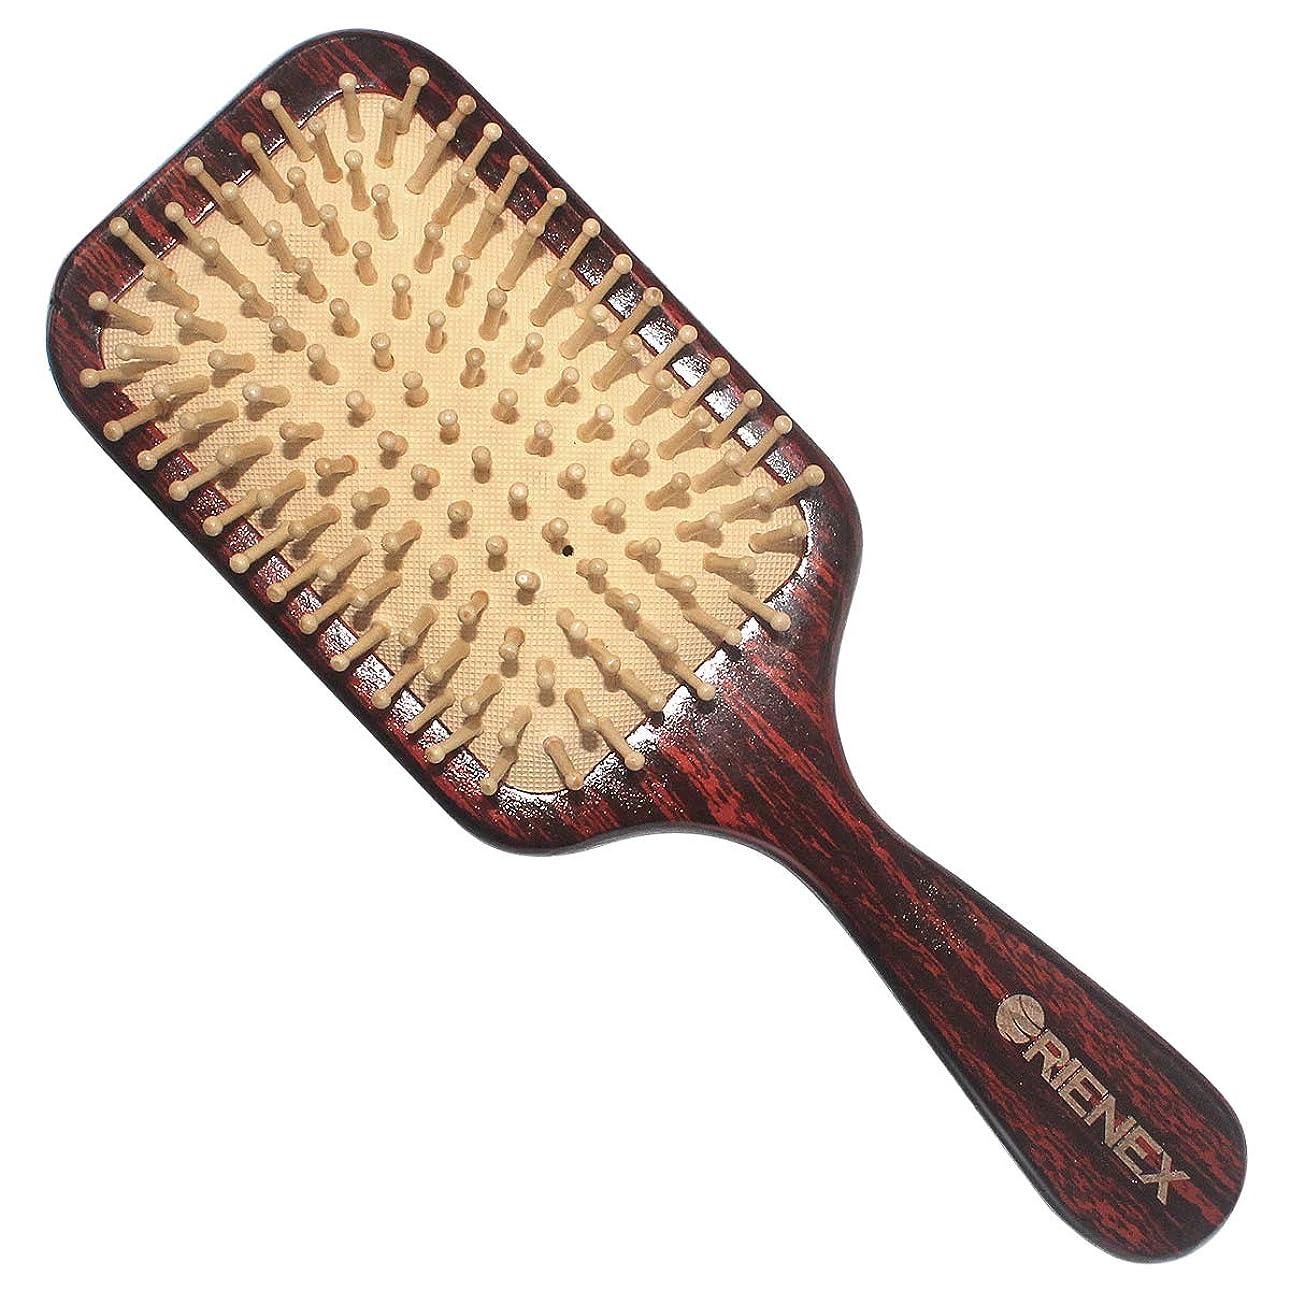 発揮する簡略化するベストOrienex ヘアブラシ 木製櫛 美髪ケア 頭皮&肩&顔マッサージ (荷の木)